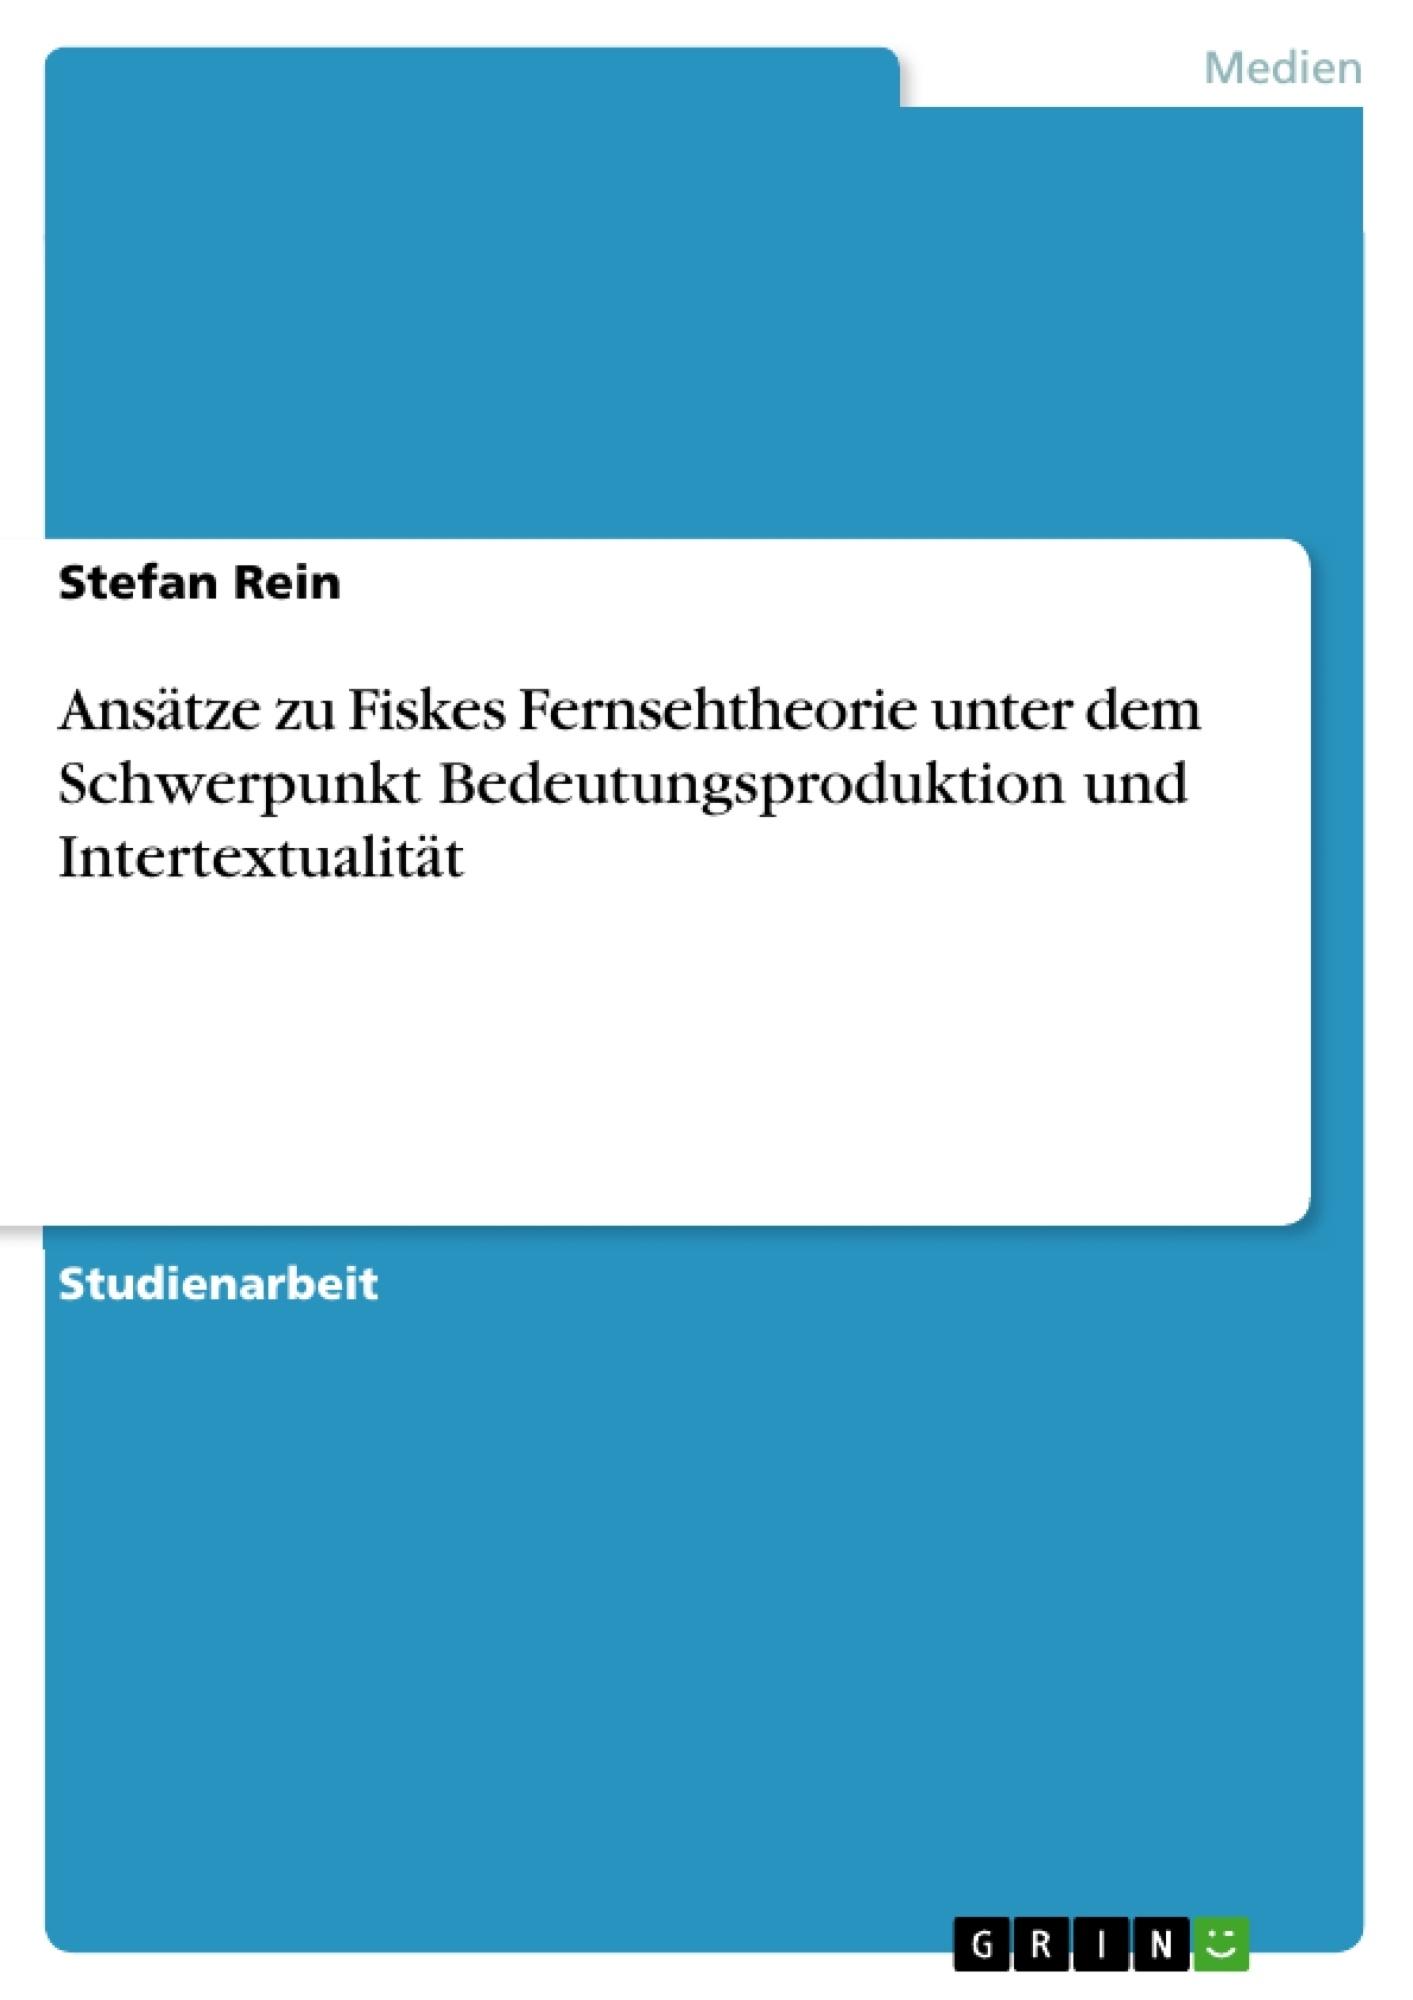 Titel: Ansätze zu Fiskes Fernsehtheorie unter dem Schwerpunkt Bedeutungsproduktion und Intertextualität